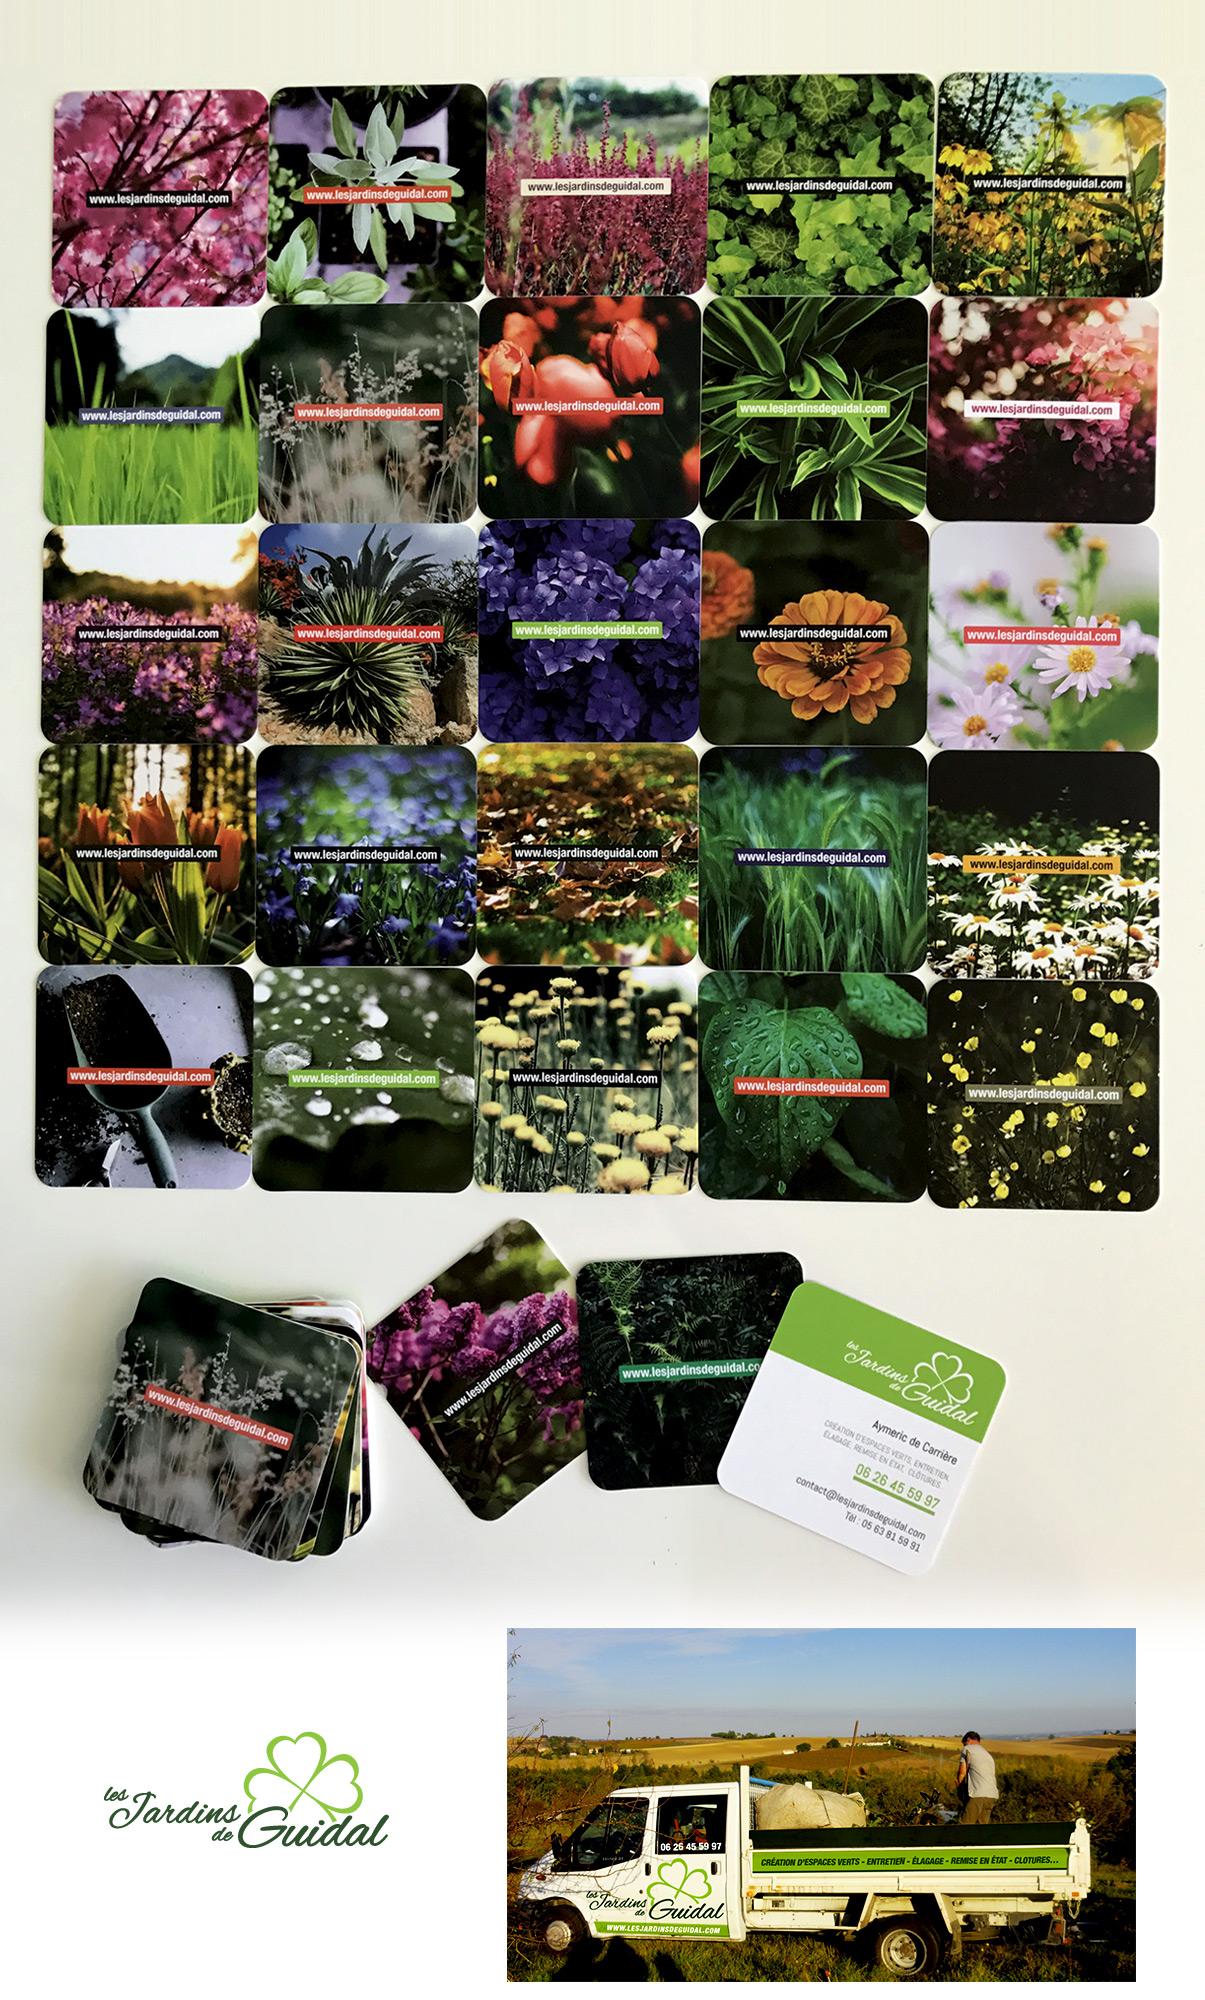 Cartes de visite Les jardins de Guidal - Rabastens - © www.ovarma.com